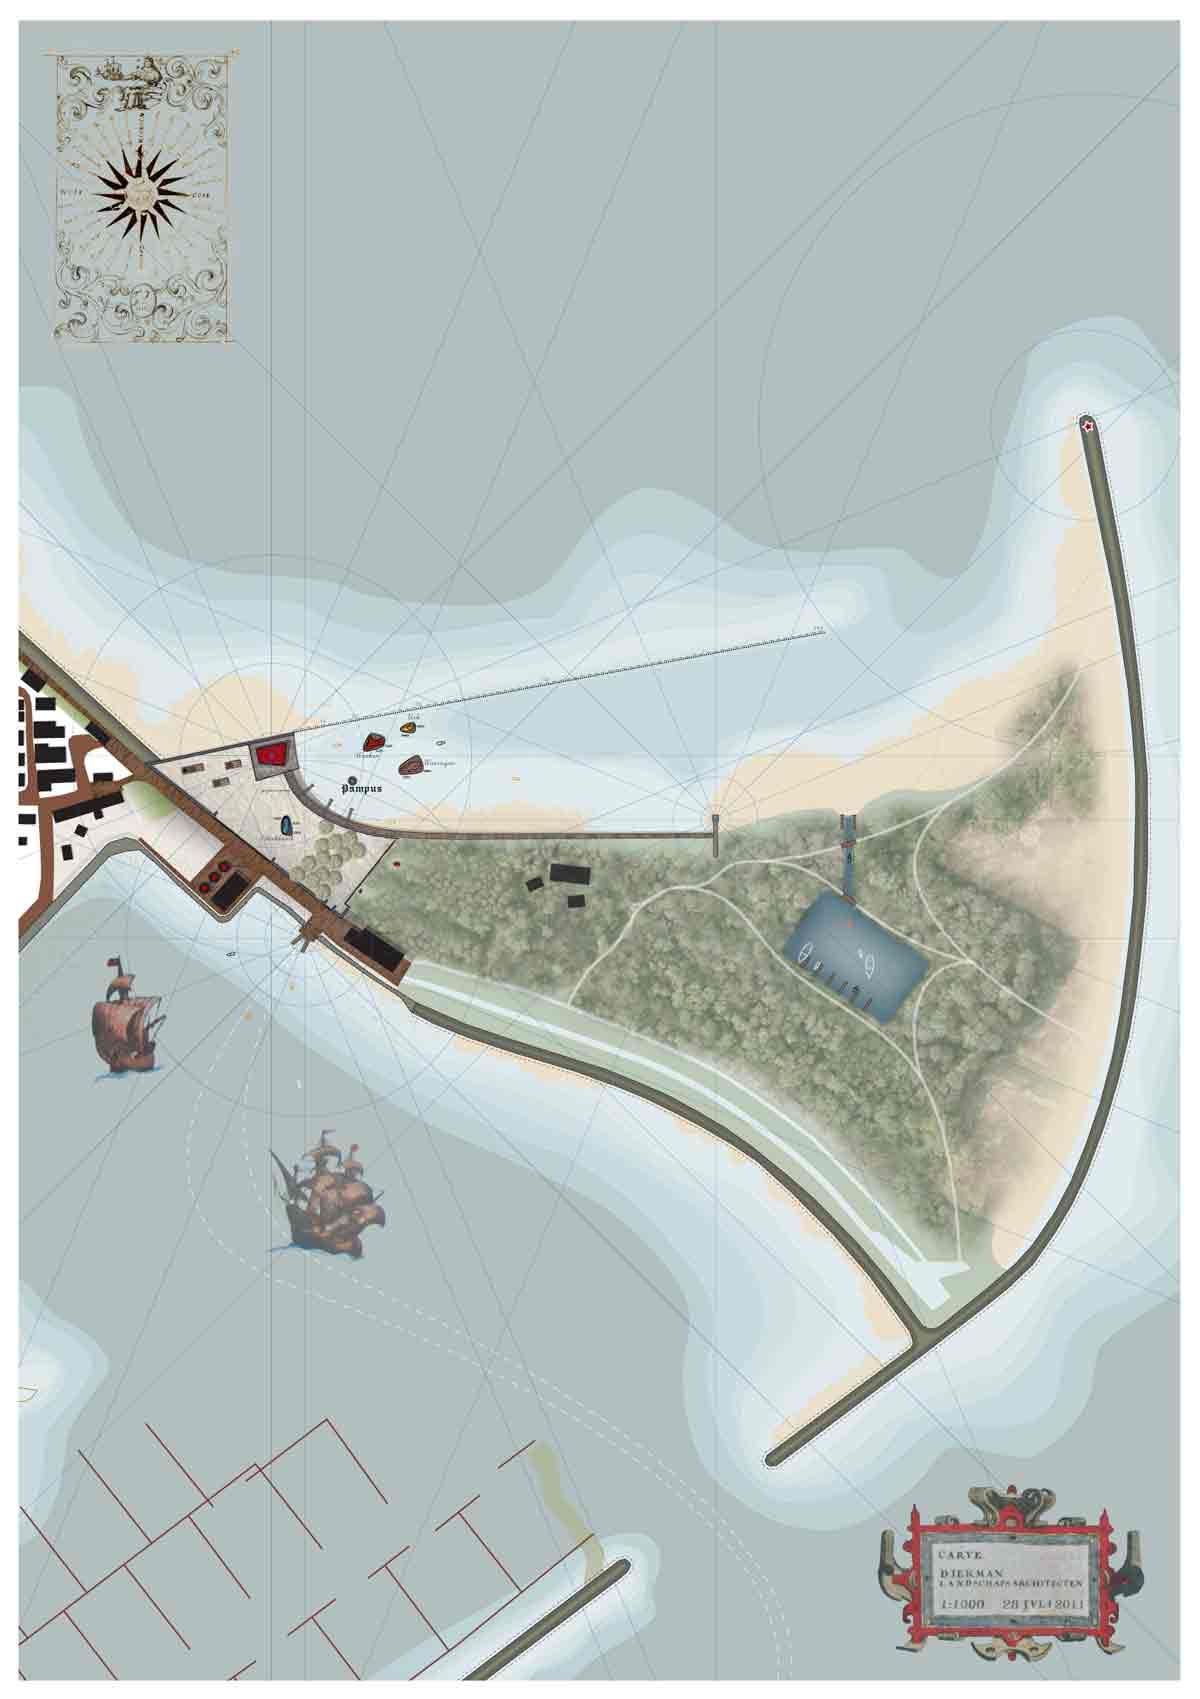 Diekman-landschapsarchitecten_-Zuiderzee-museum_waterwerken_-FINAL-PLAN